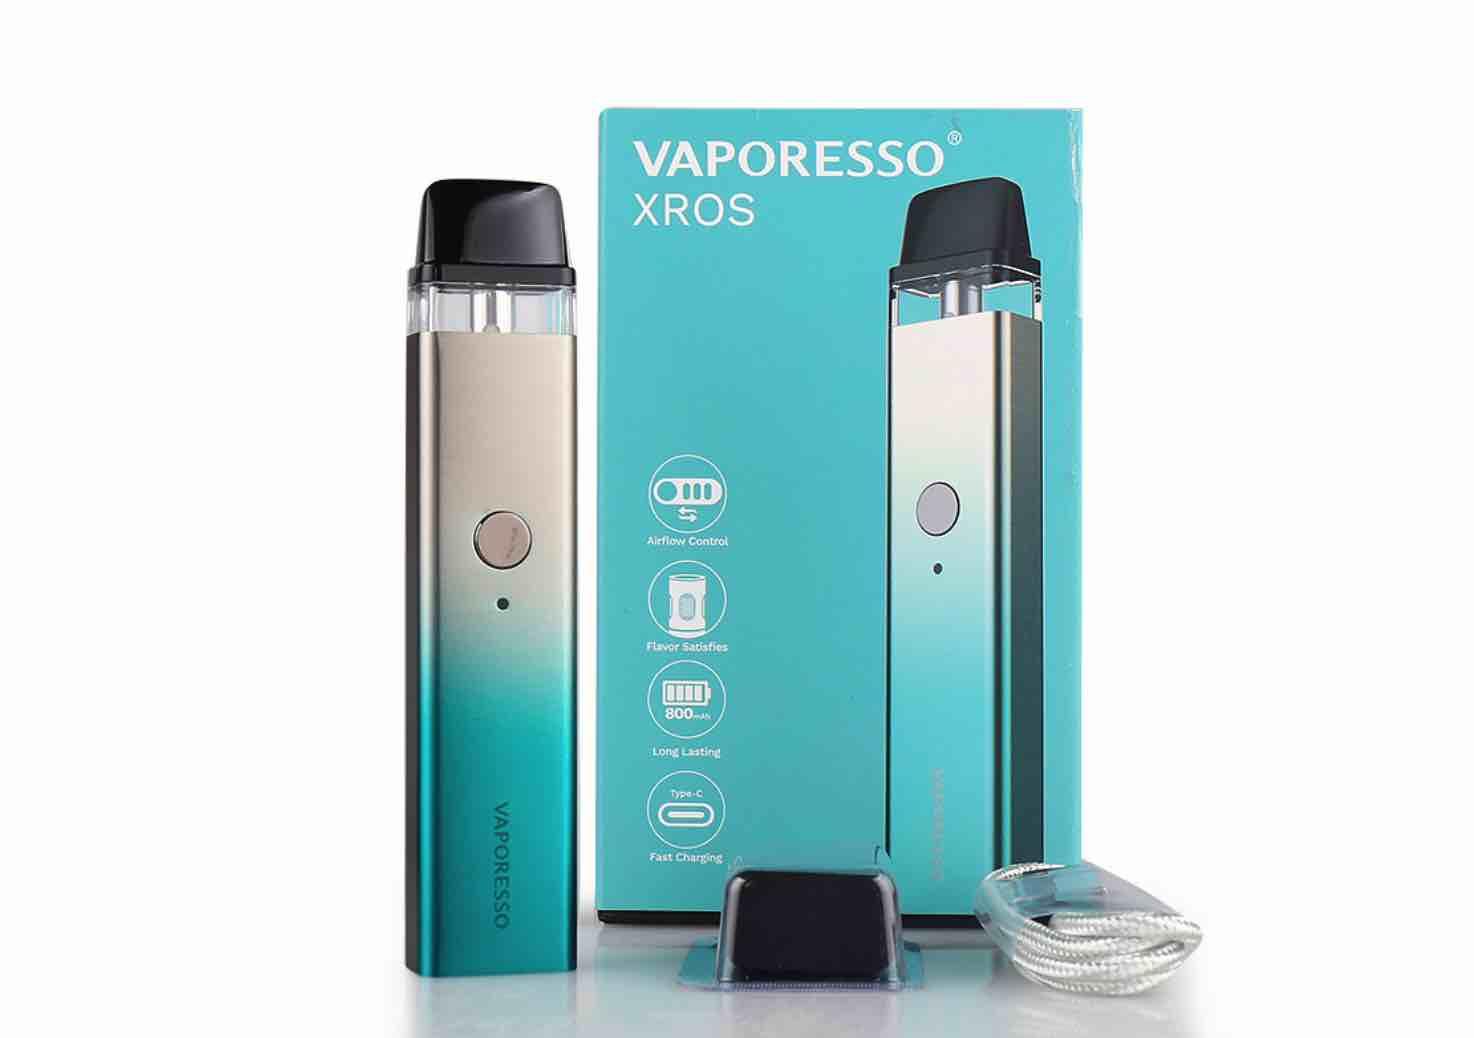 Vaporesso XROS starter kit